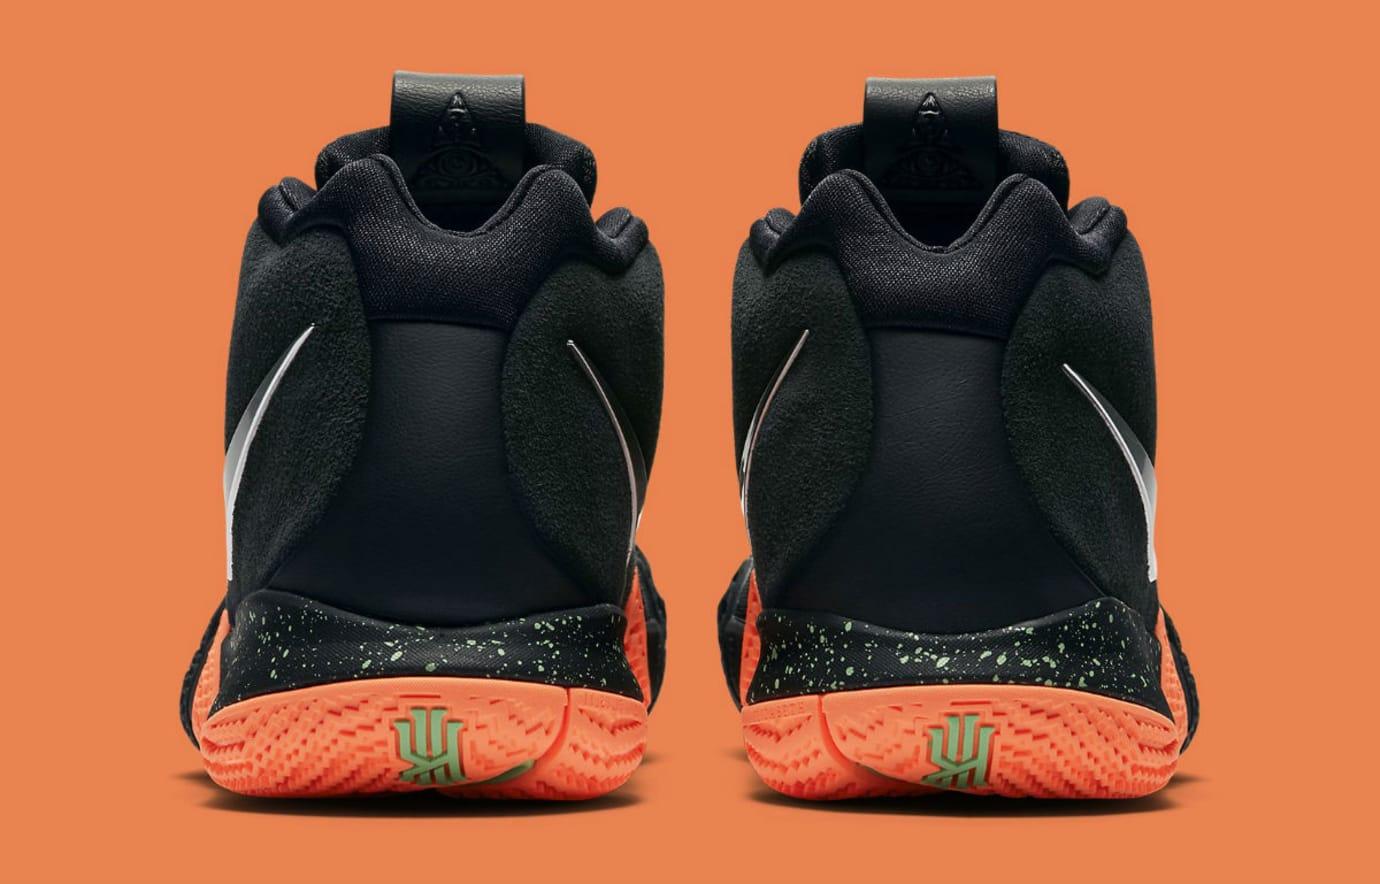 6d6f7efbbf8 Nike Kyrie 4 Black Silver-Orange Release Date 943806-010 Heel